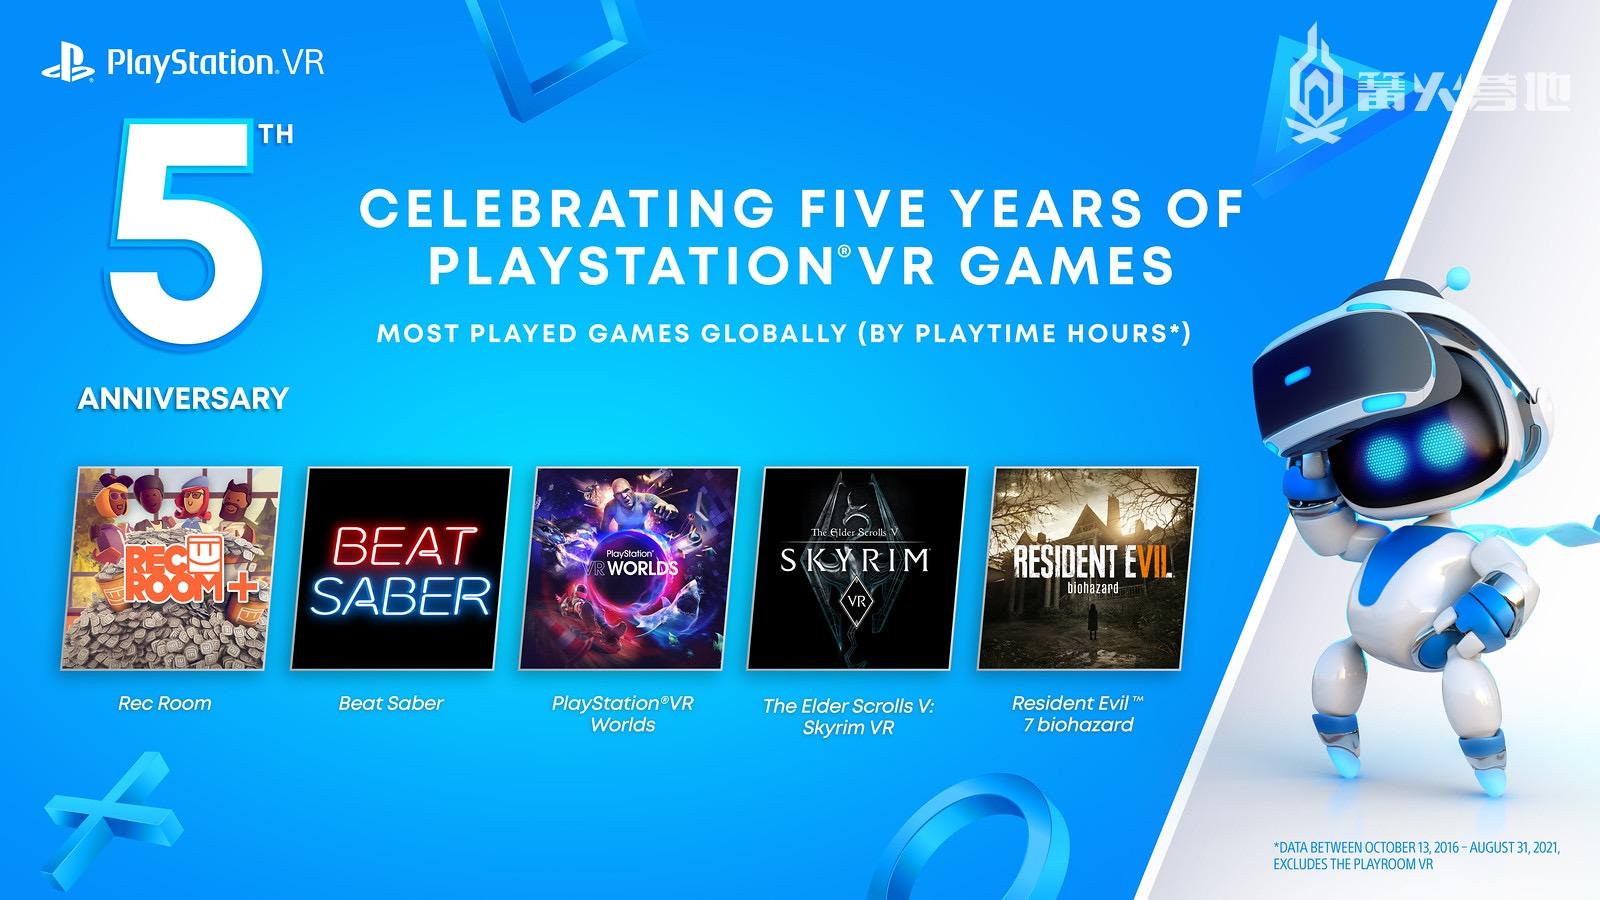 庆祝 PS VR 五周年,索尼公布该平台全球玩得最多的 5 款游戏